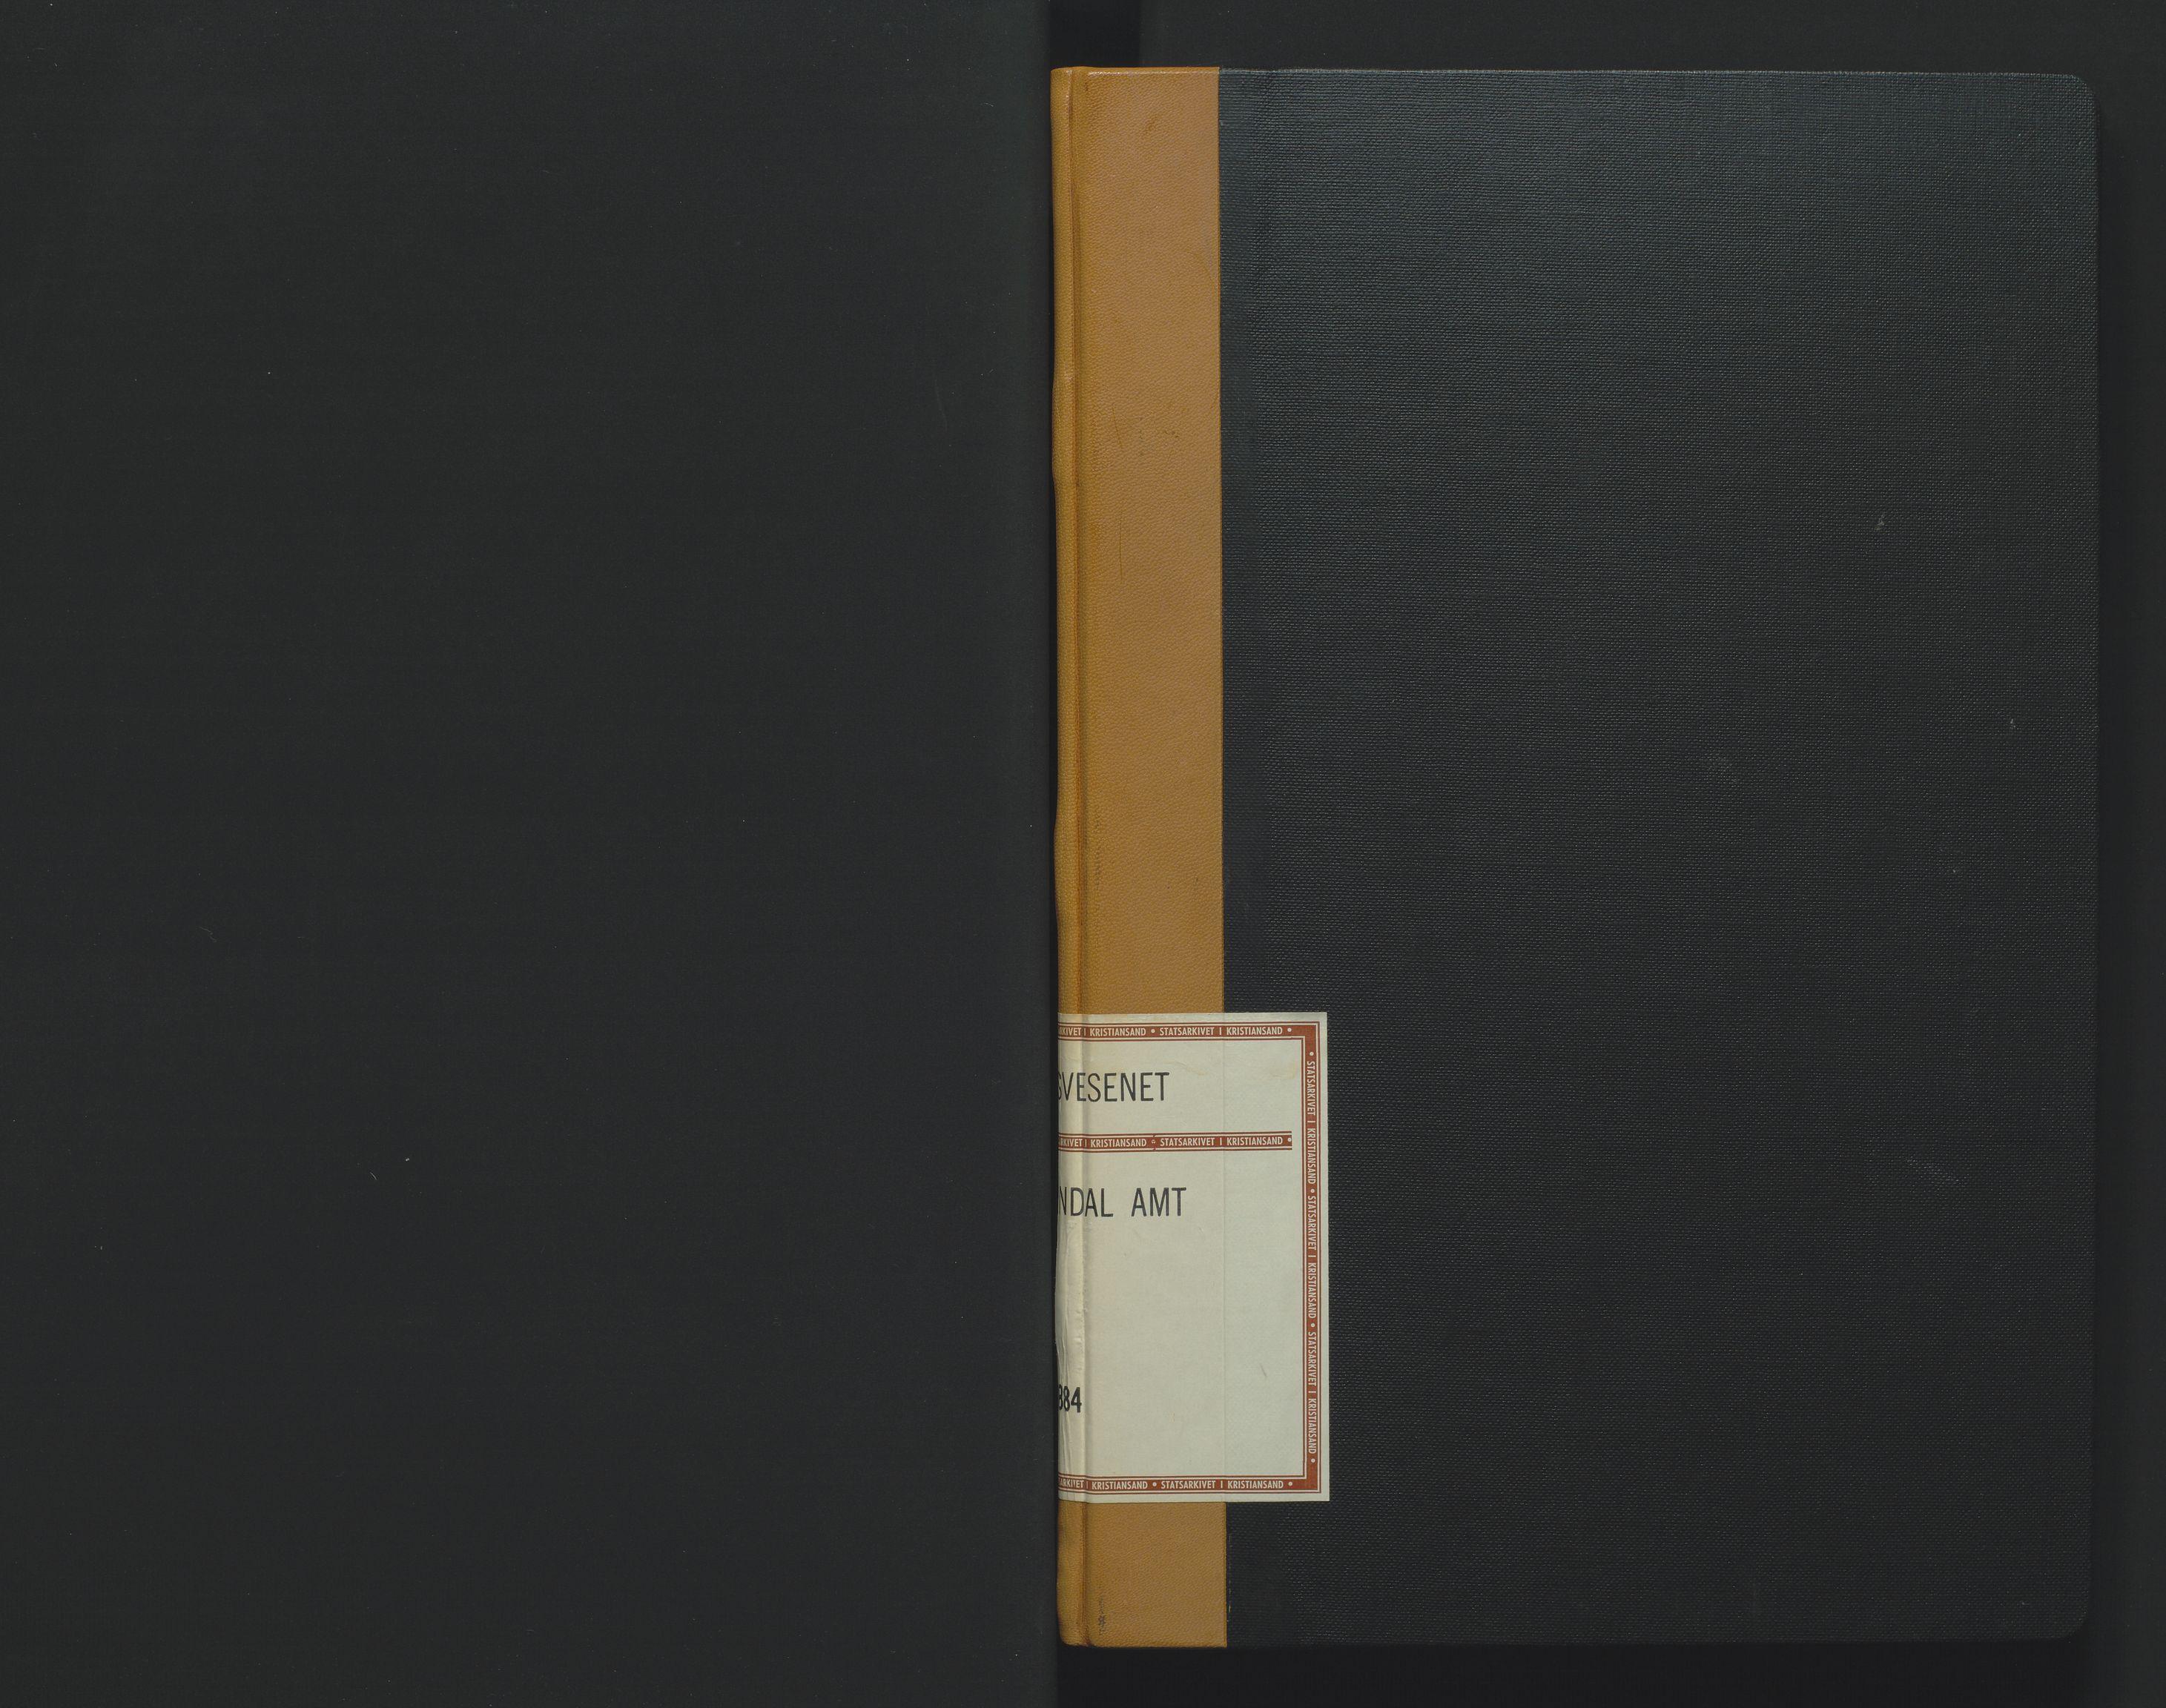 SAK, Utskiftningsformannen i Lister og Mandal amt, F/Fa/Faa/L0008: Utskiftningsprotokoll med register nr 8, 1864-1884